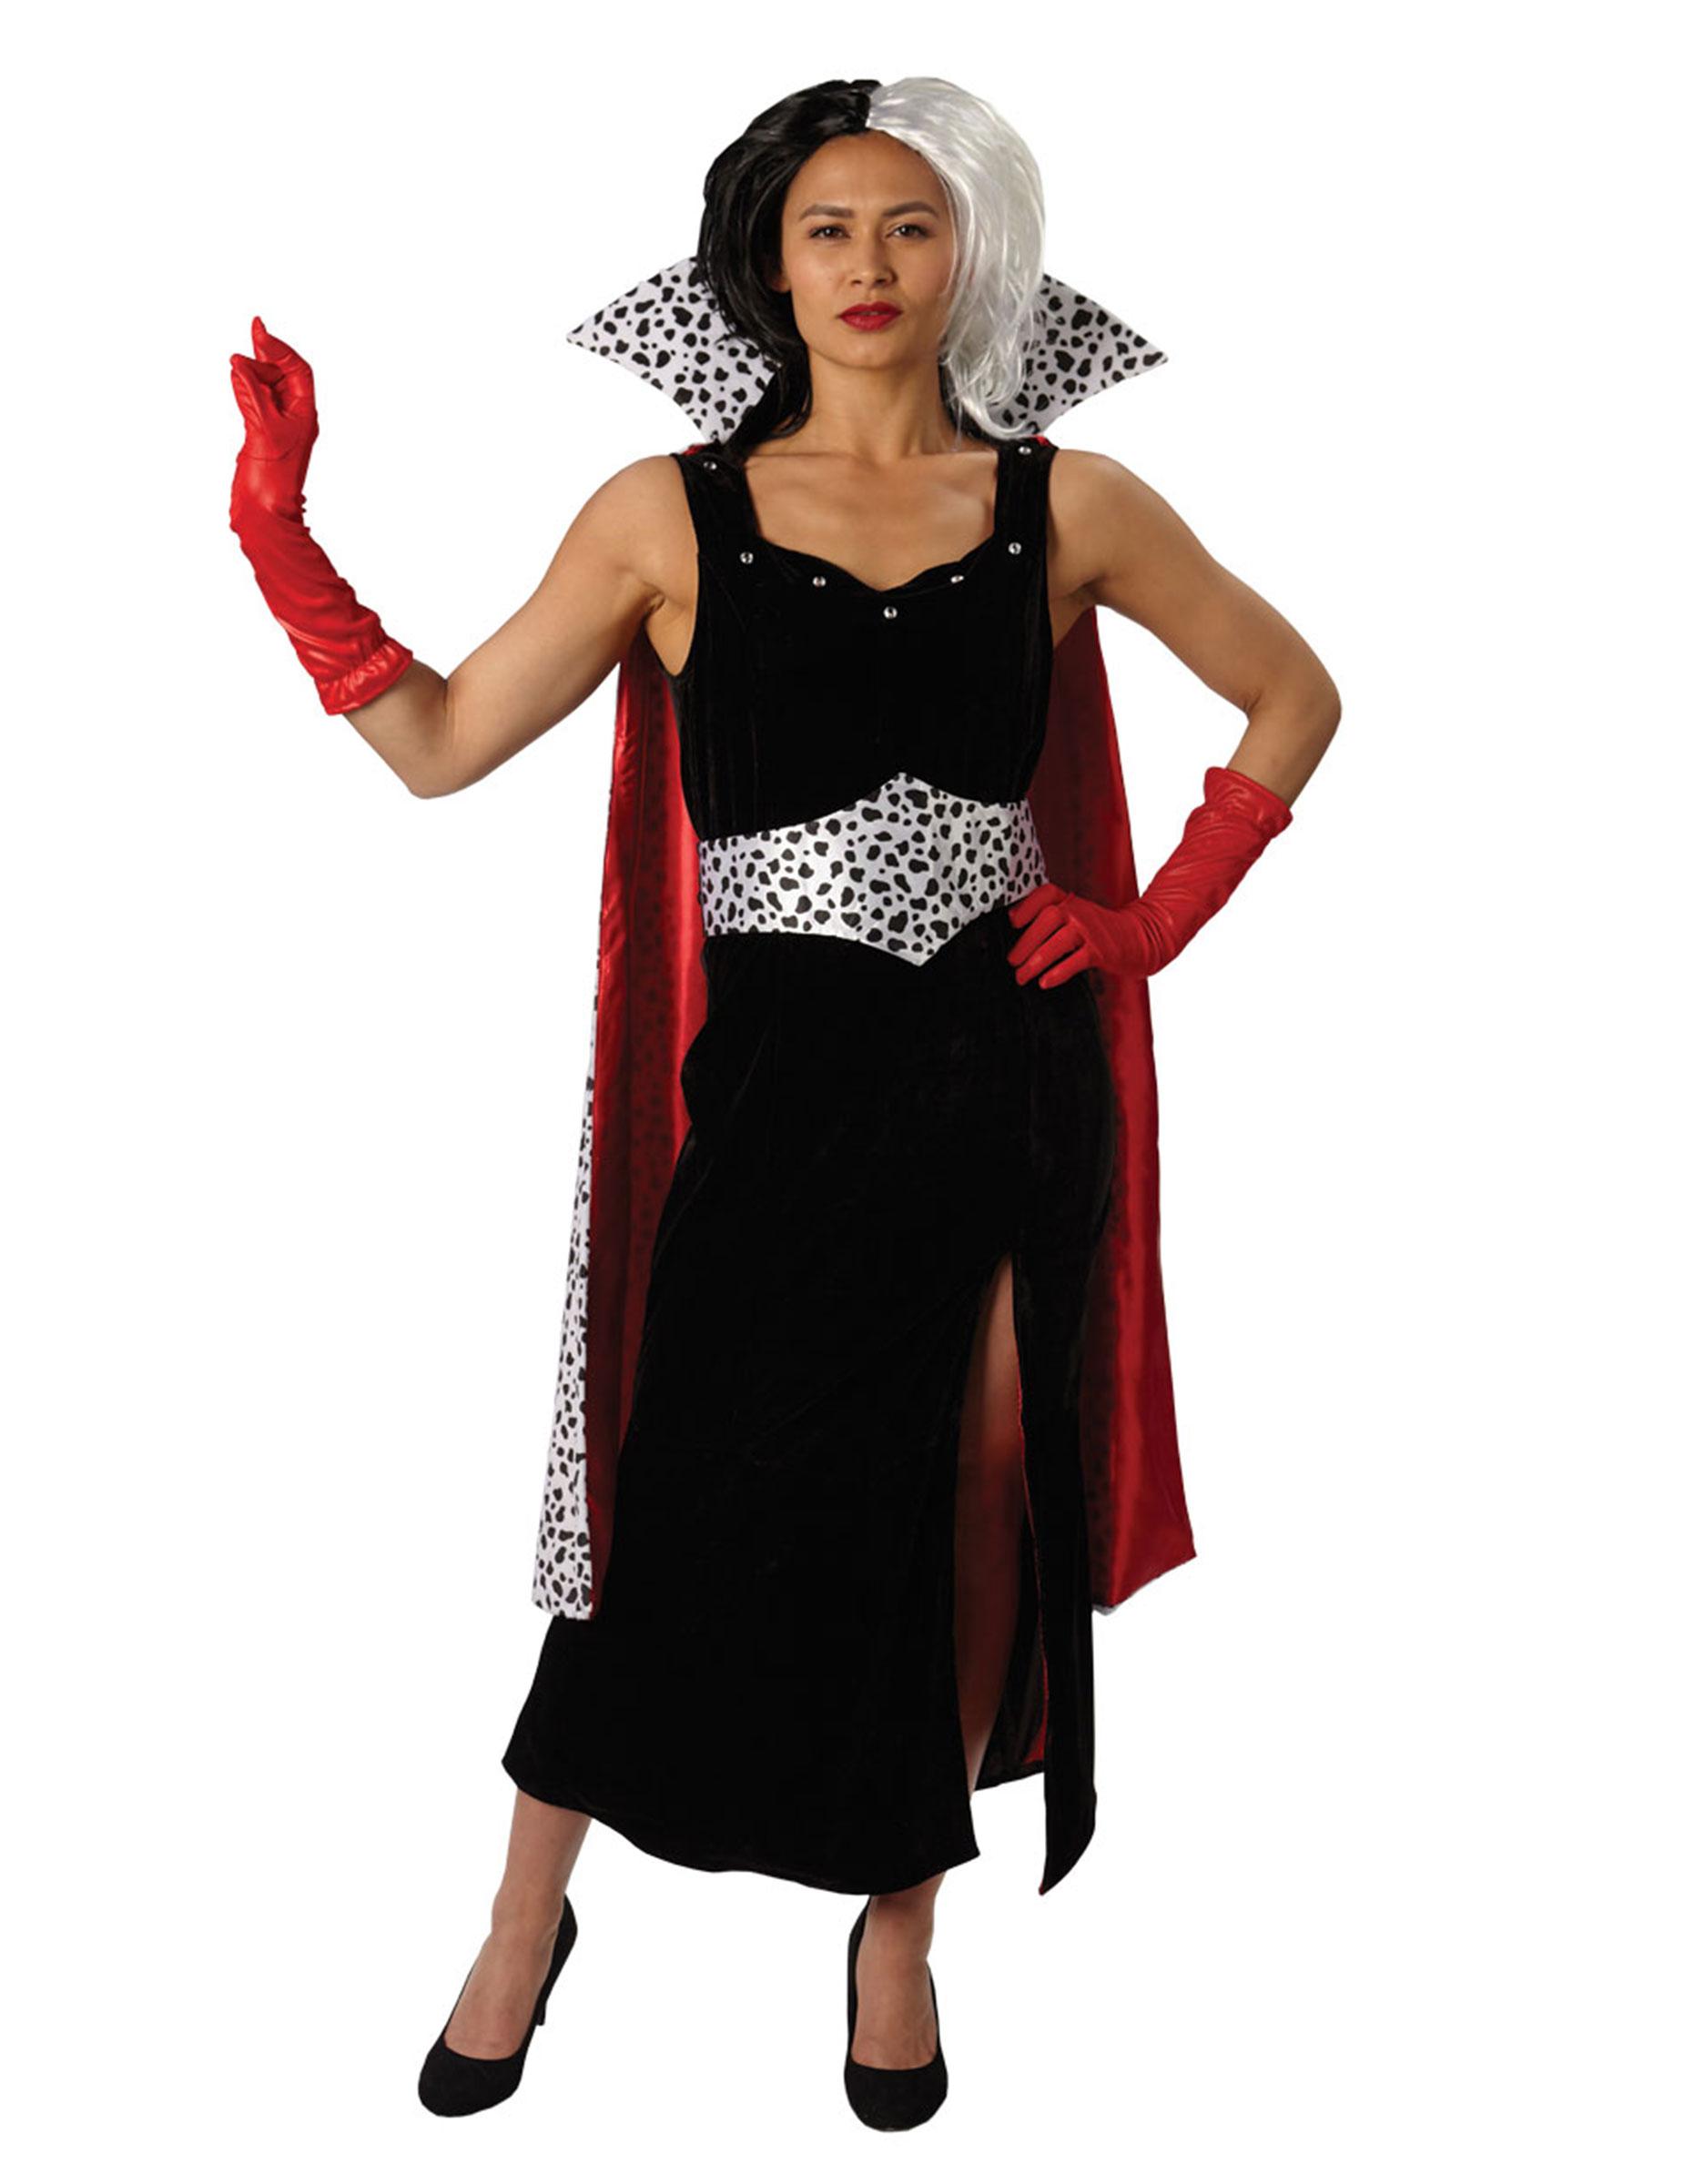 cruella de vil damenkost m disney lizenzkost m schwarz rot weiss kost me f r erwachsene und. Black Bedroom Furniture Sets. Home Design Ideas